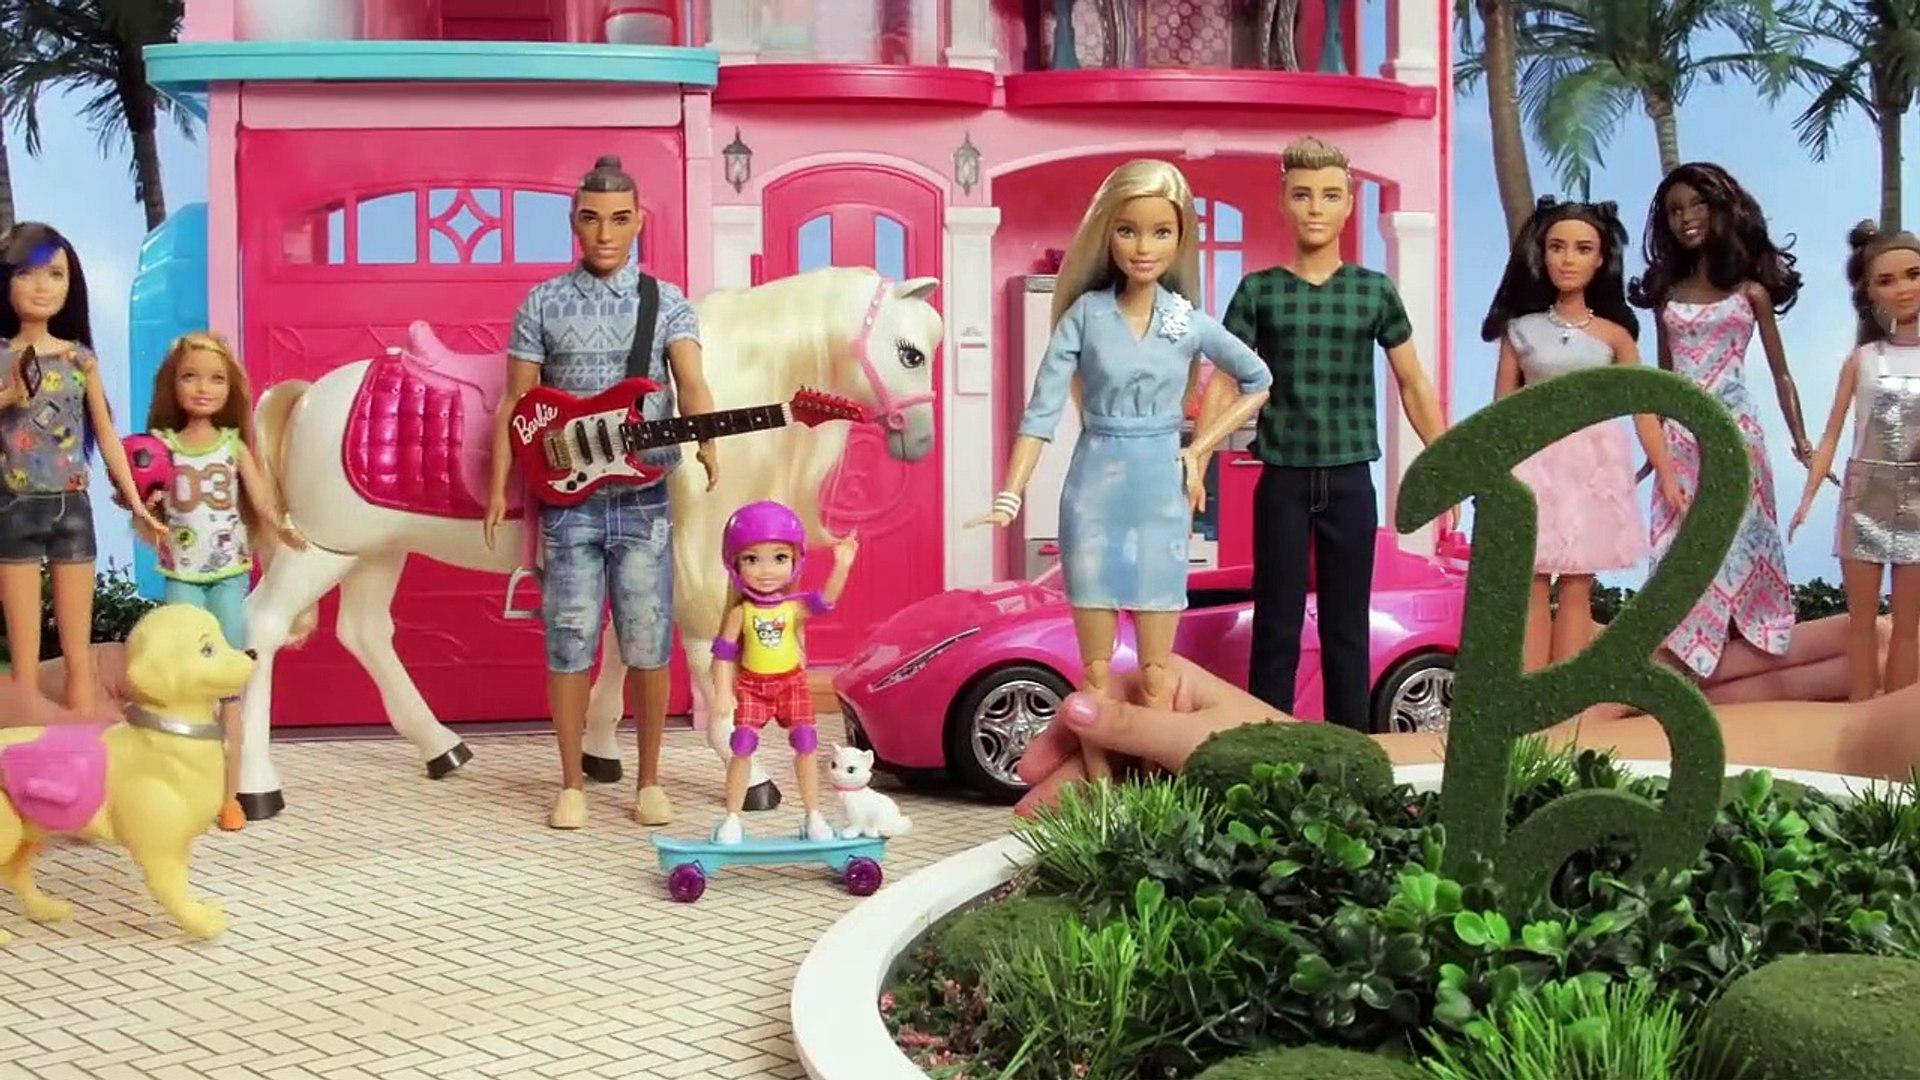 L'avion de Barbie | Barbie LIVE! In The Dreamhouse | Barbie France